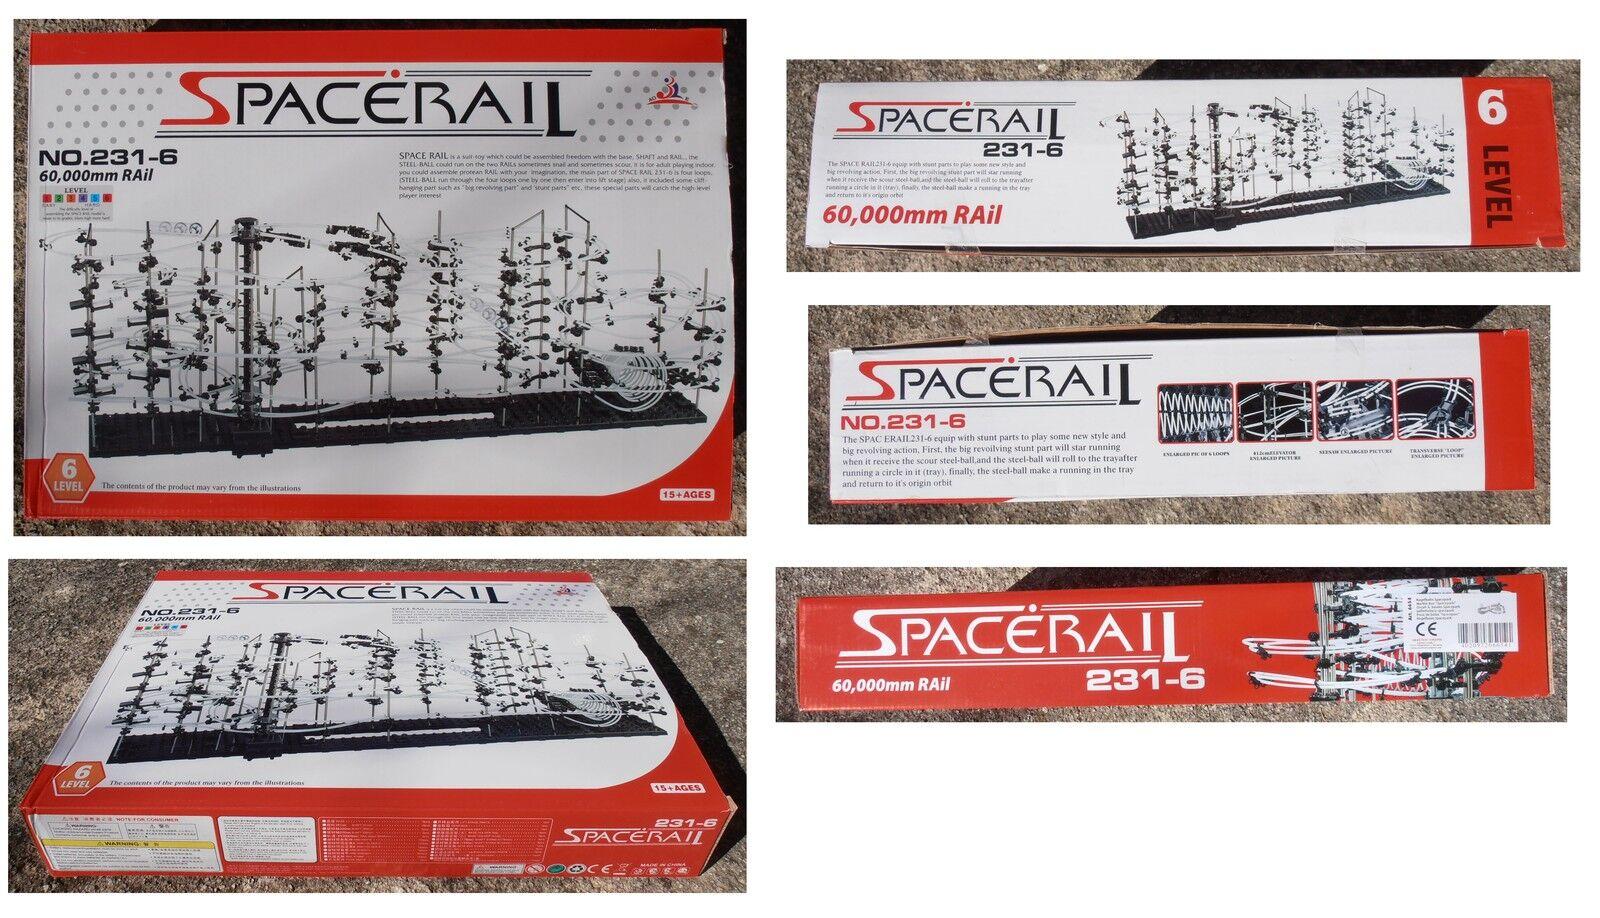 Pista per biglie Spacerail 231-6 Livello Level 6 Legler 6654 Parco spaziale